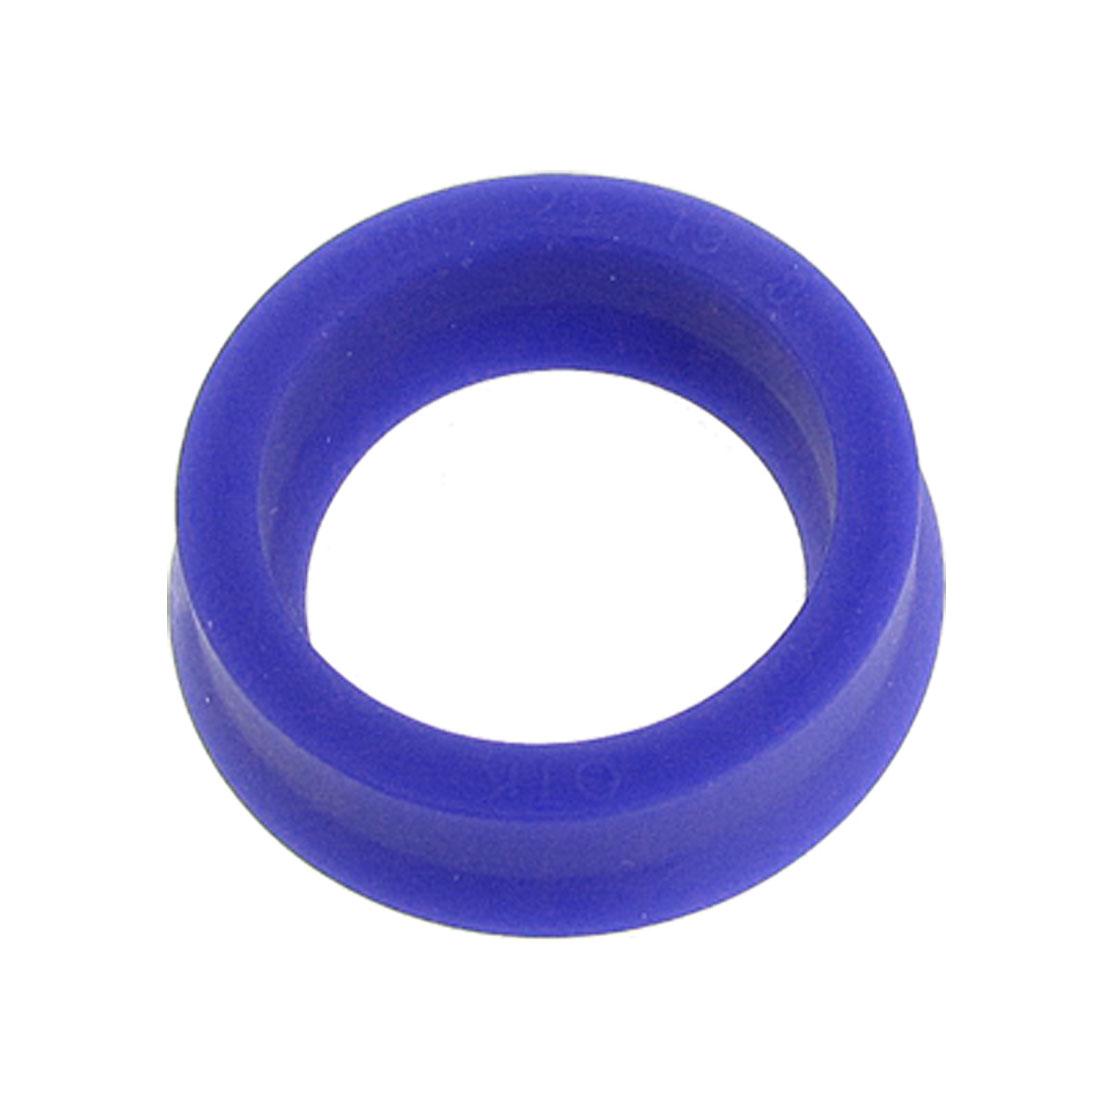 25mm x 19mm x 8mm Polyurethane Cylinder Piston Oil Seal Blue ODU